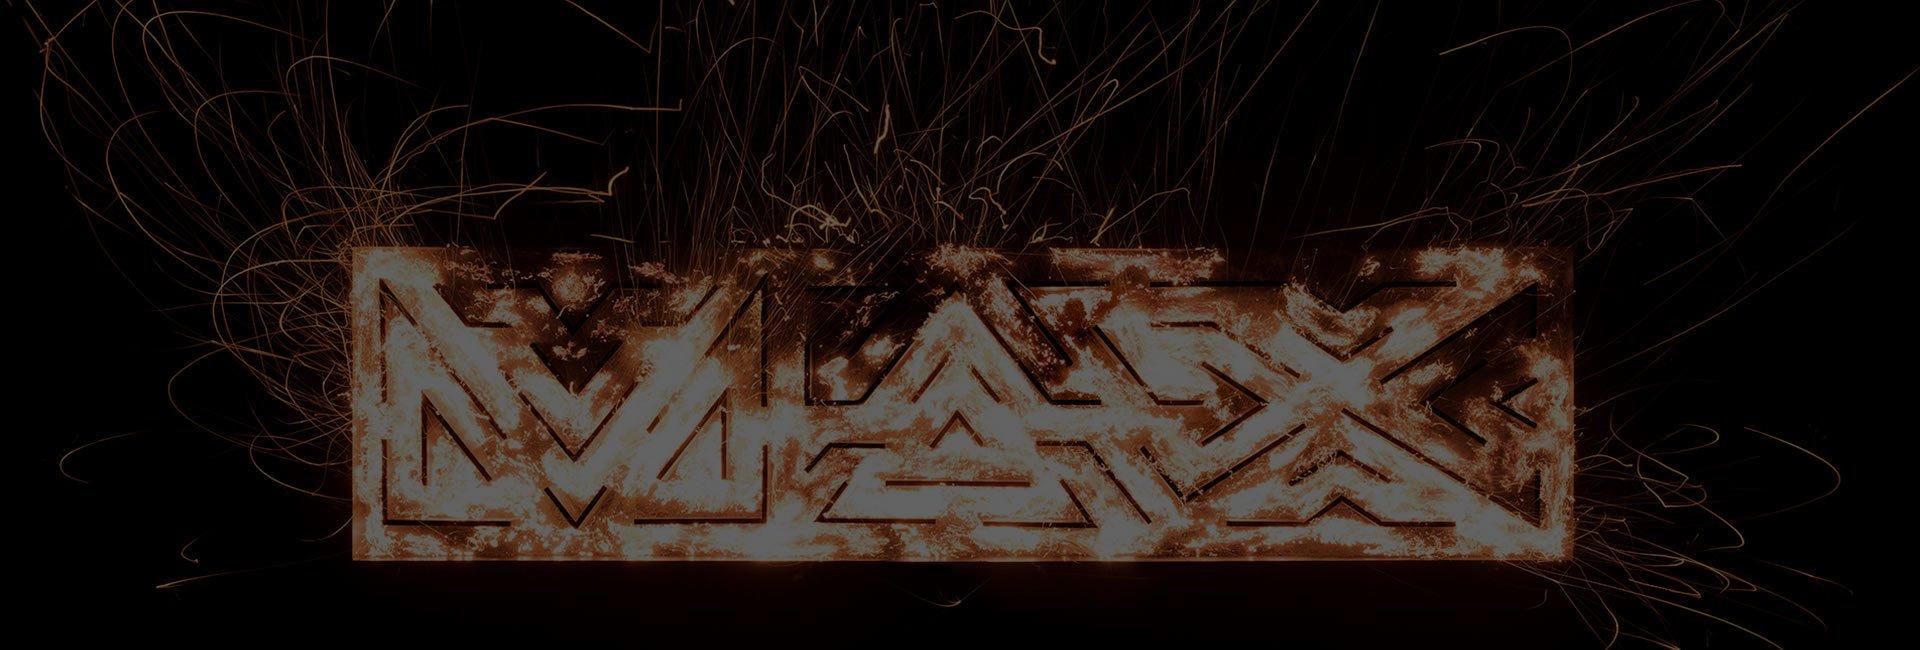 Visiting Adobe MAX 2017